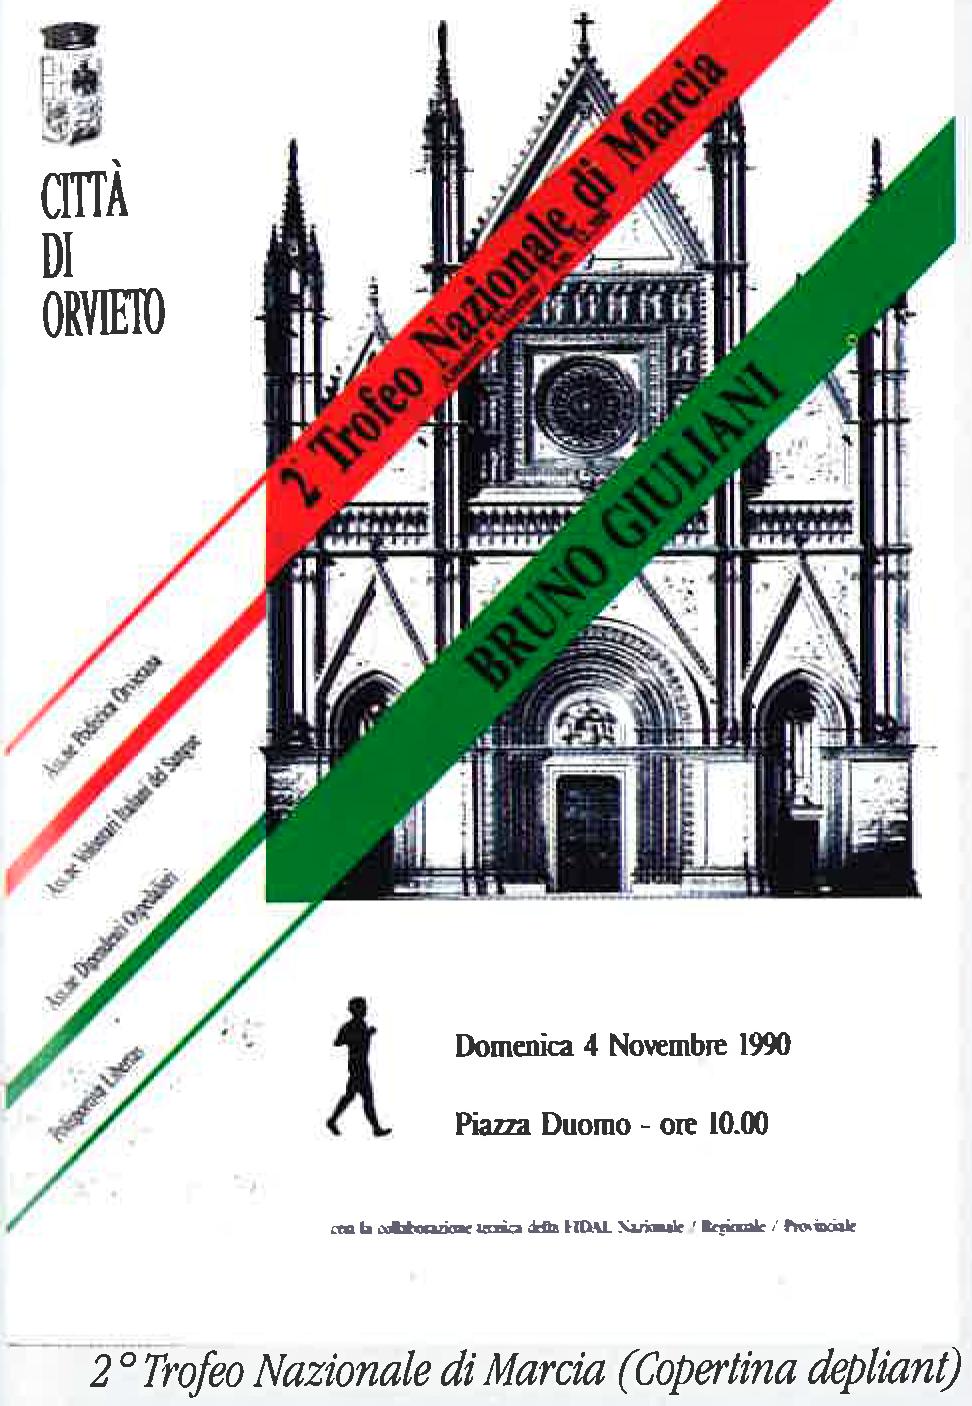 Avis comprensoriale dell'orvietano